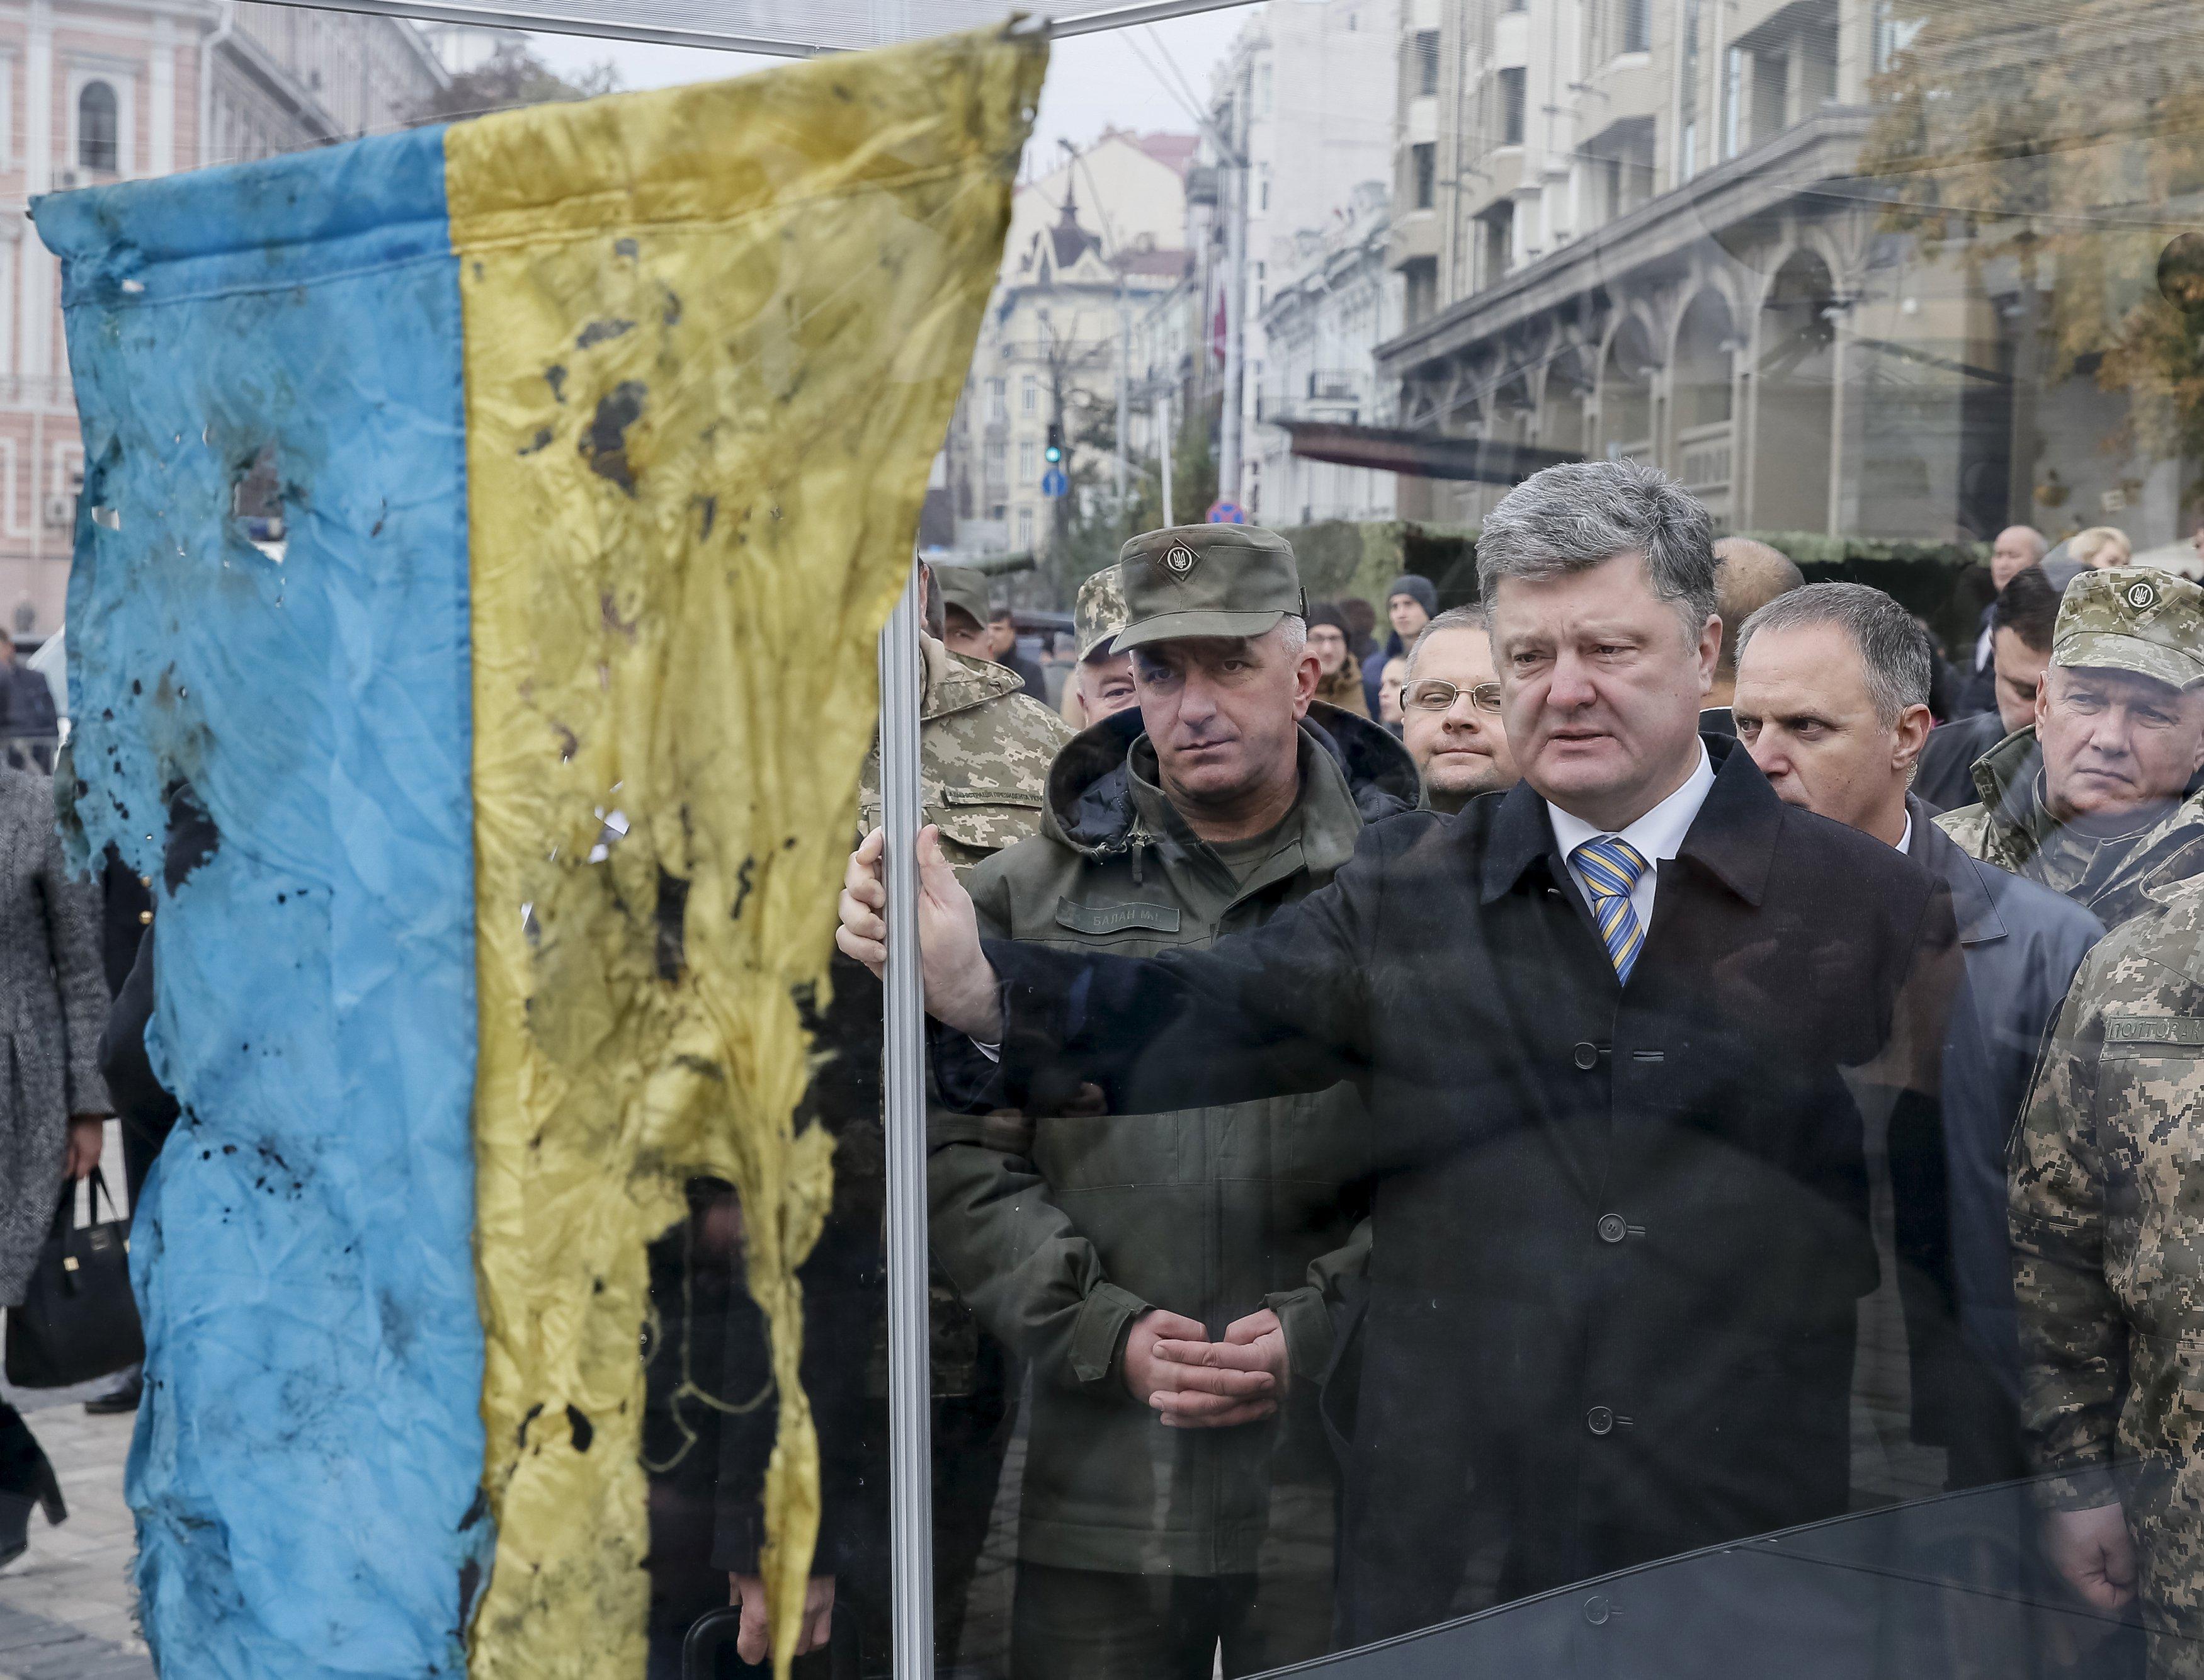 Presiden Ukraina Petro Poroshenko (tengah) melihat bendera Ukraina yang dibawa dari wilayah timur Ukraina dimana konflik militer terjadi, selama kunjungannya di pameran peralatan militer baru di Kiev, Ukraina, 14 Oktober 2015. Ukraina merayakan Hari Pertahanan pada hari Rabu. ANTARA FOTO/REUTERS/Gleb Garanich.